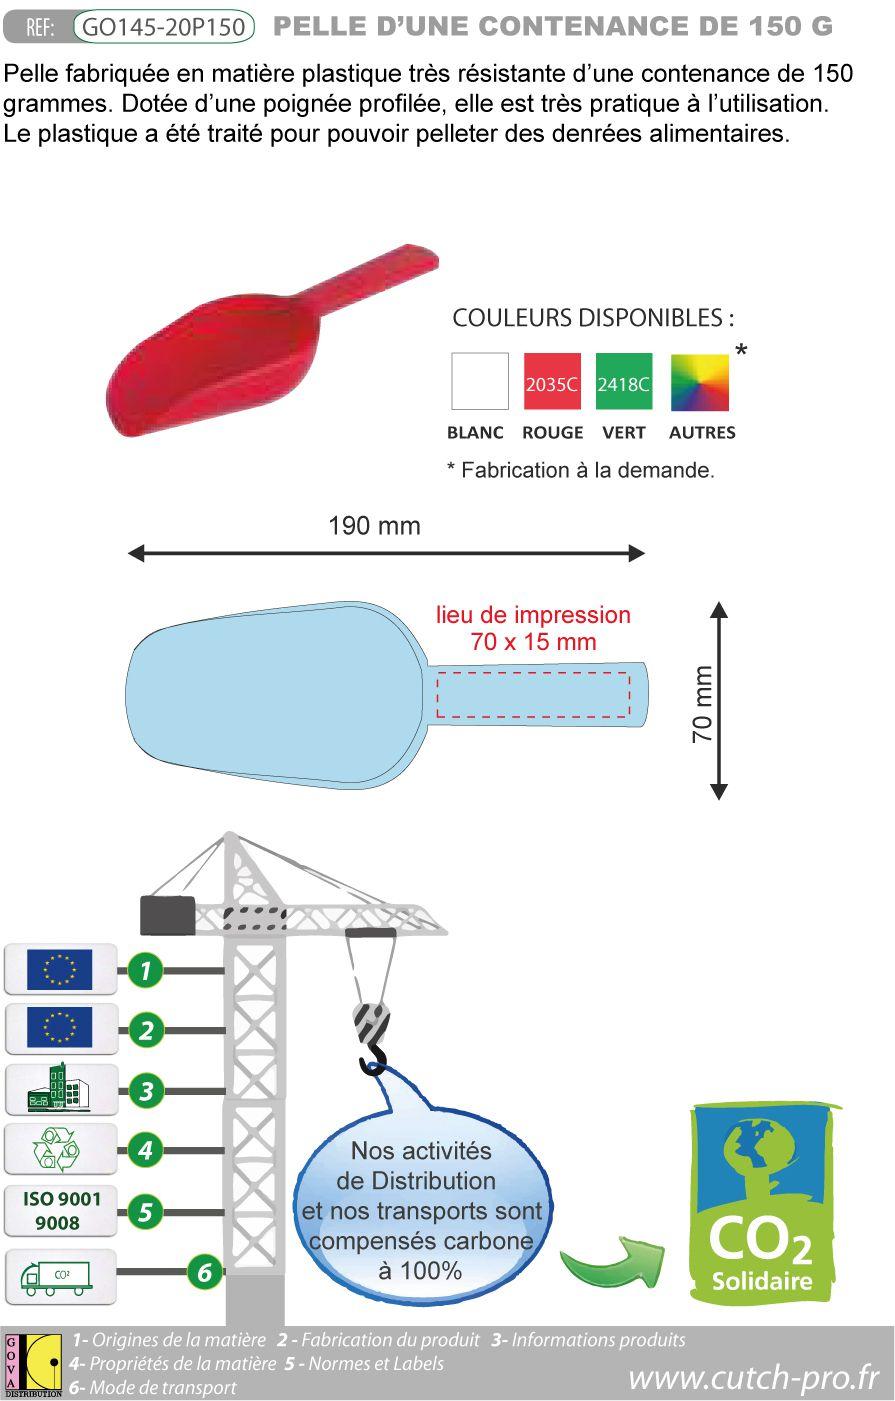 Pelle professionnelle de 150 grammes fabrication européenne - GO145-20P150